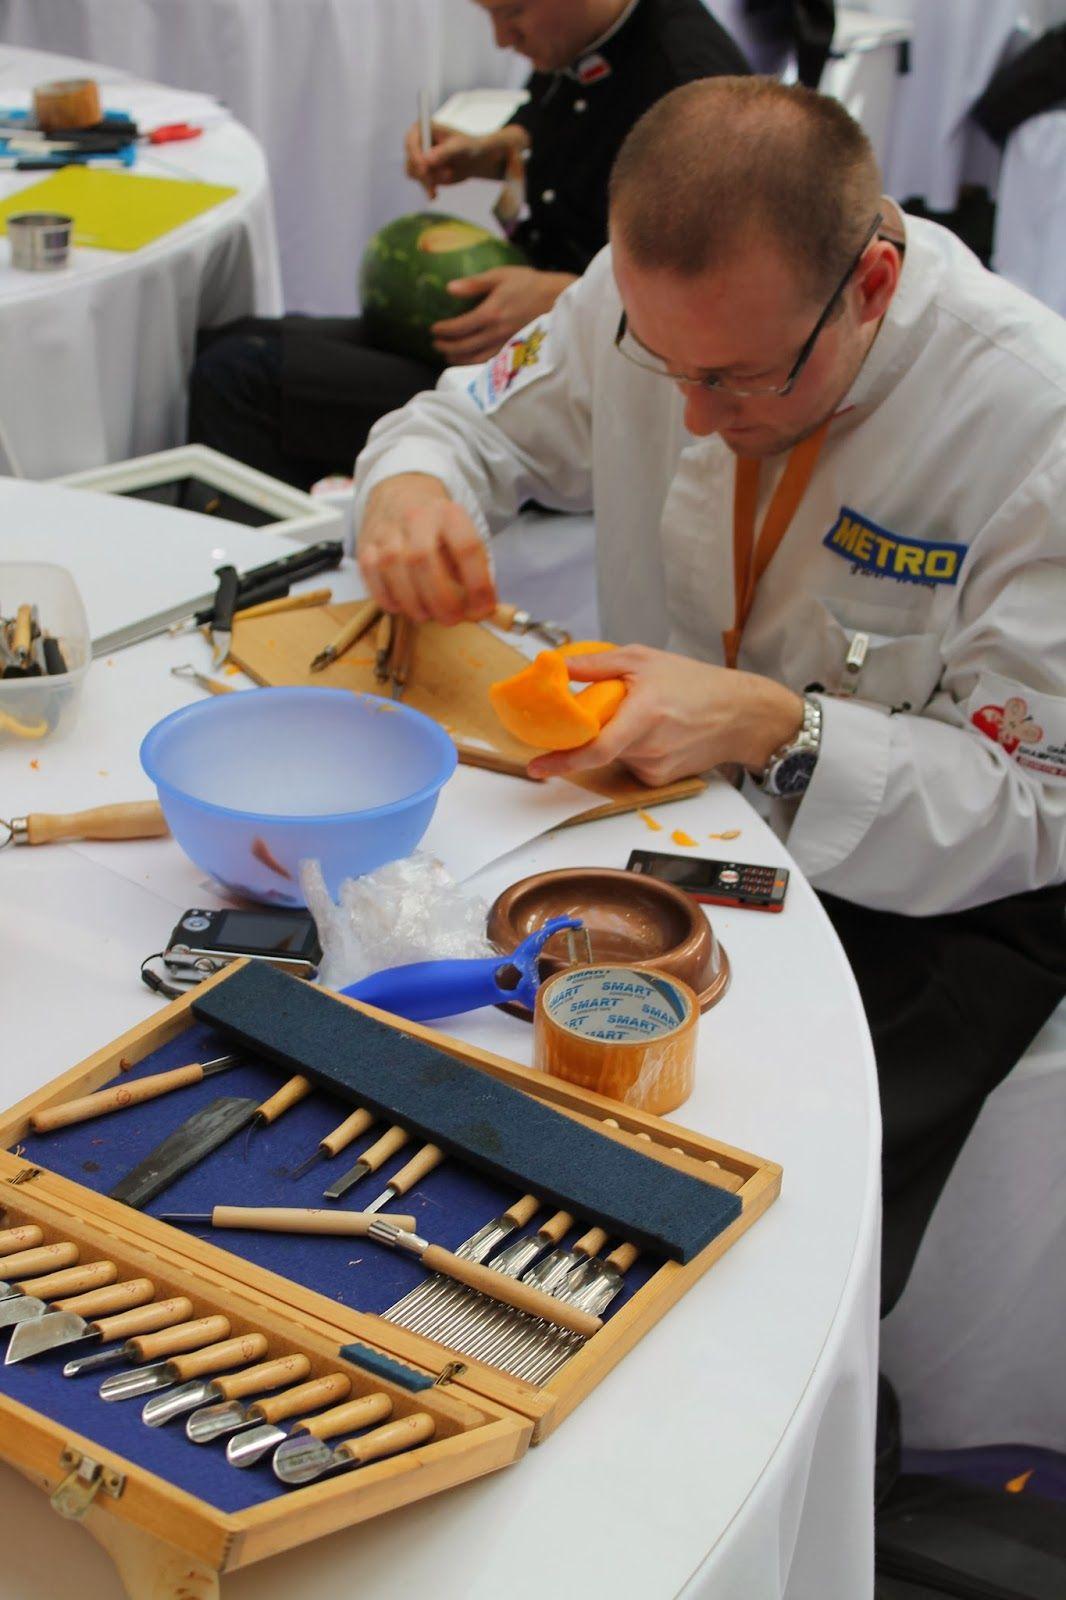 Adorable Carving Tool Kit - Galeria Krakowska - Krakow - Poland - more here: http://twistedredladybug.blogspot.de/2013/10/art-everywhere-even-in-fruits.html